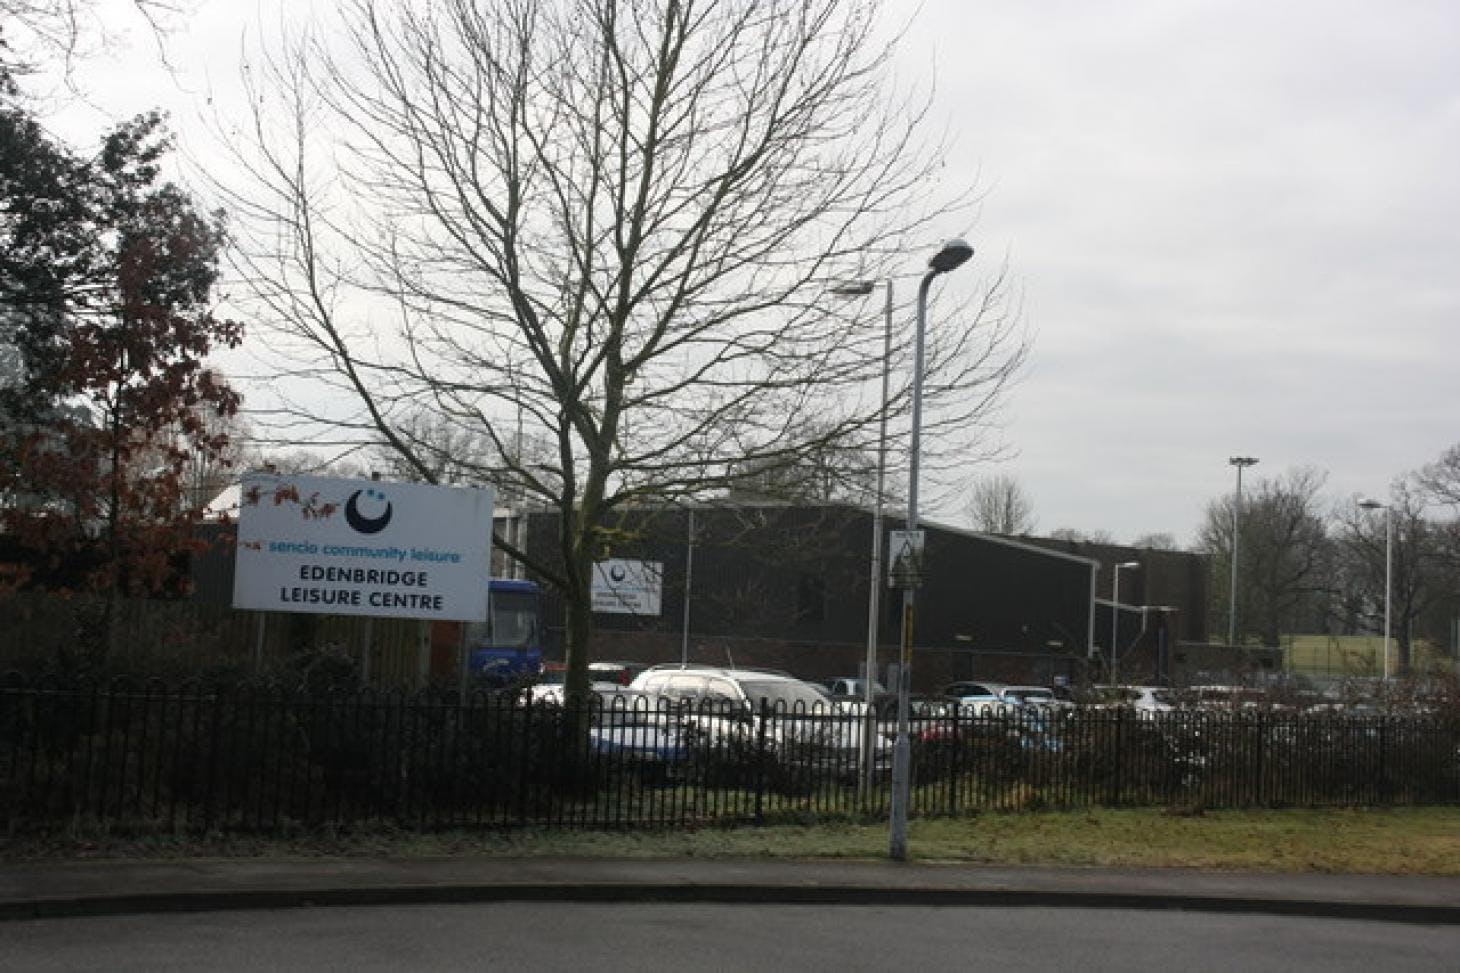 Edenbridge Leisure Centre Indoor swimming pool